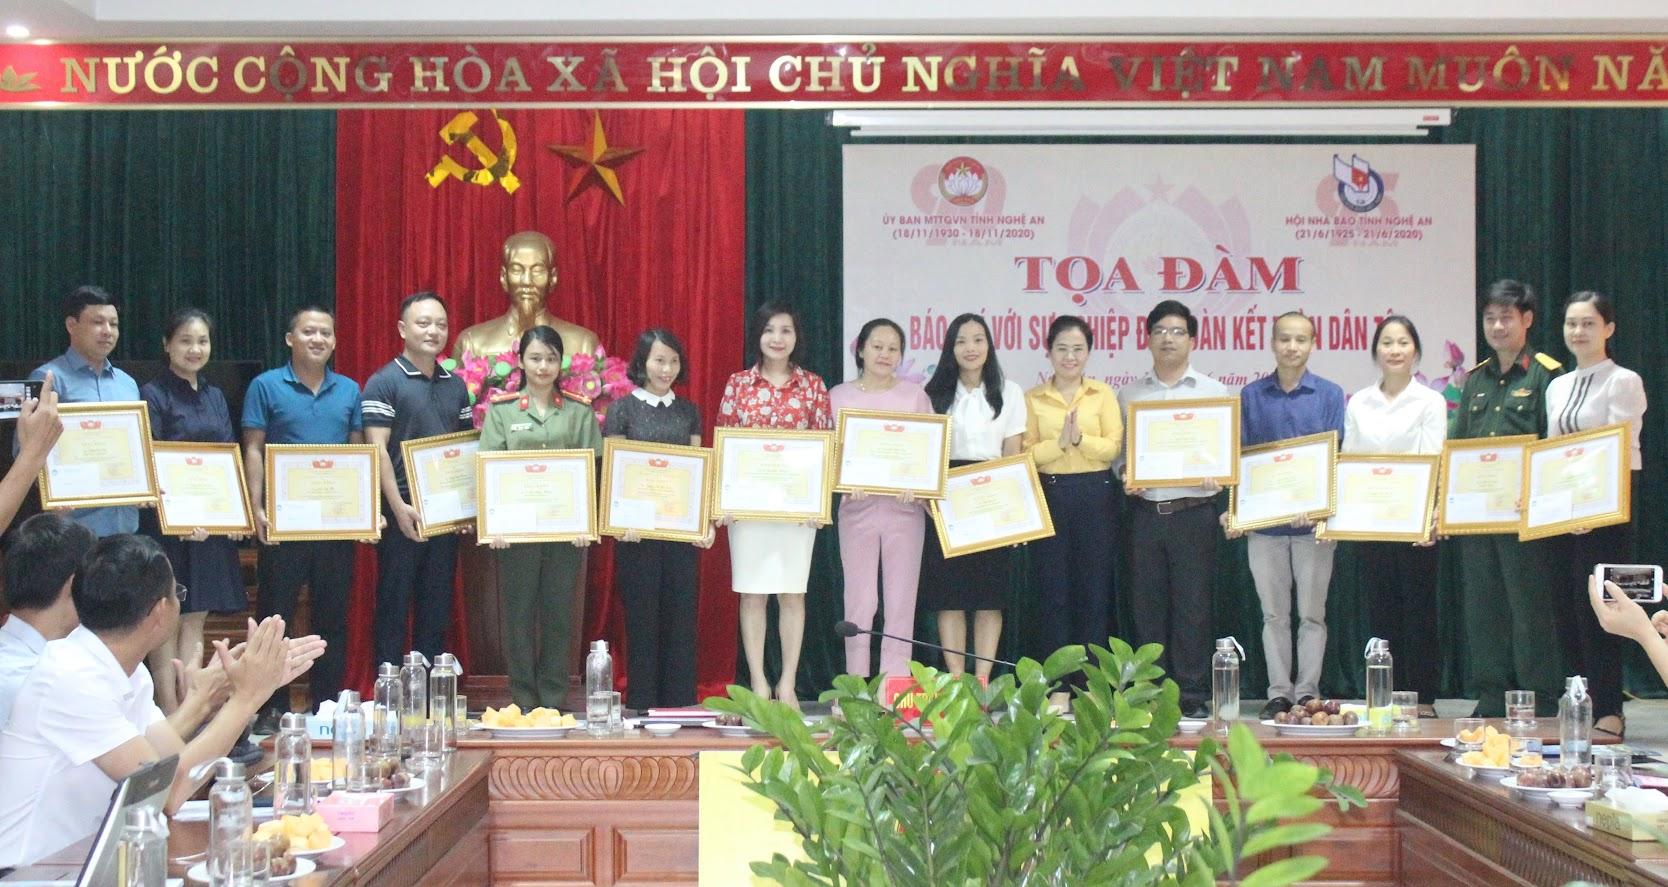 Đồng chí Võ Thị Minh Sinh, Ủy viên BTV Tỉnh ủy, Chủ tịch Ủy ban MTTQ tỉnh trao tặng Bằng khen của Ủy ban MTTQ tỉnh cho các cá nhân có thành tích xuất sắc trong công tác tuyên truyền về sự nghiệp đại đoàn kết toàn dân tộc